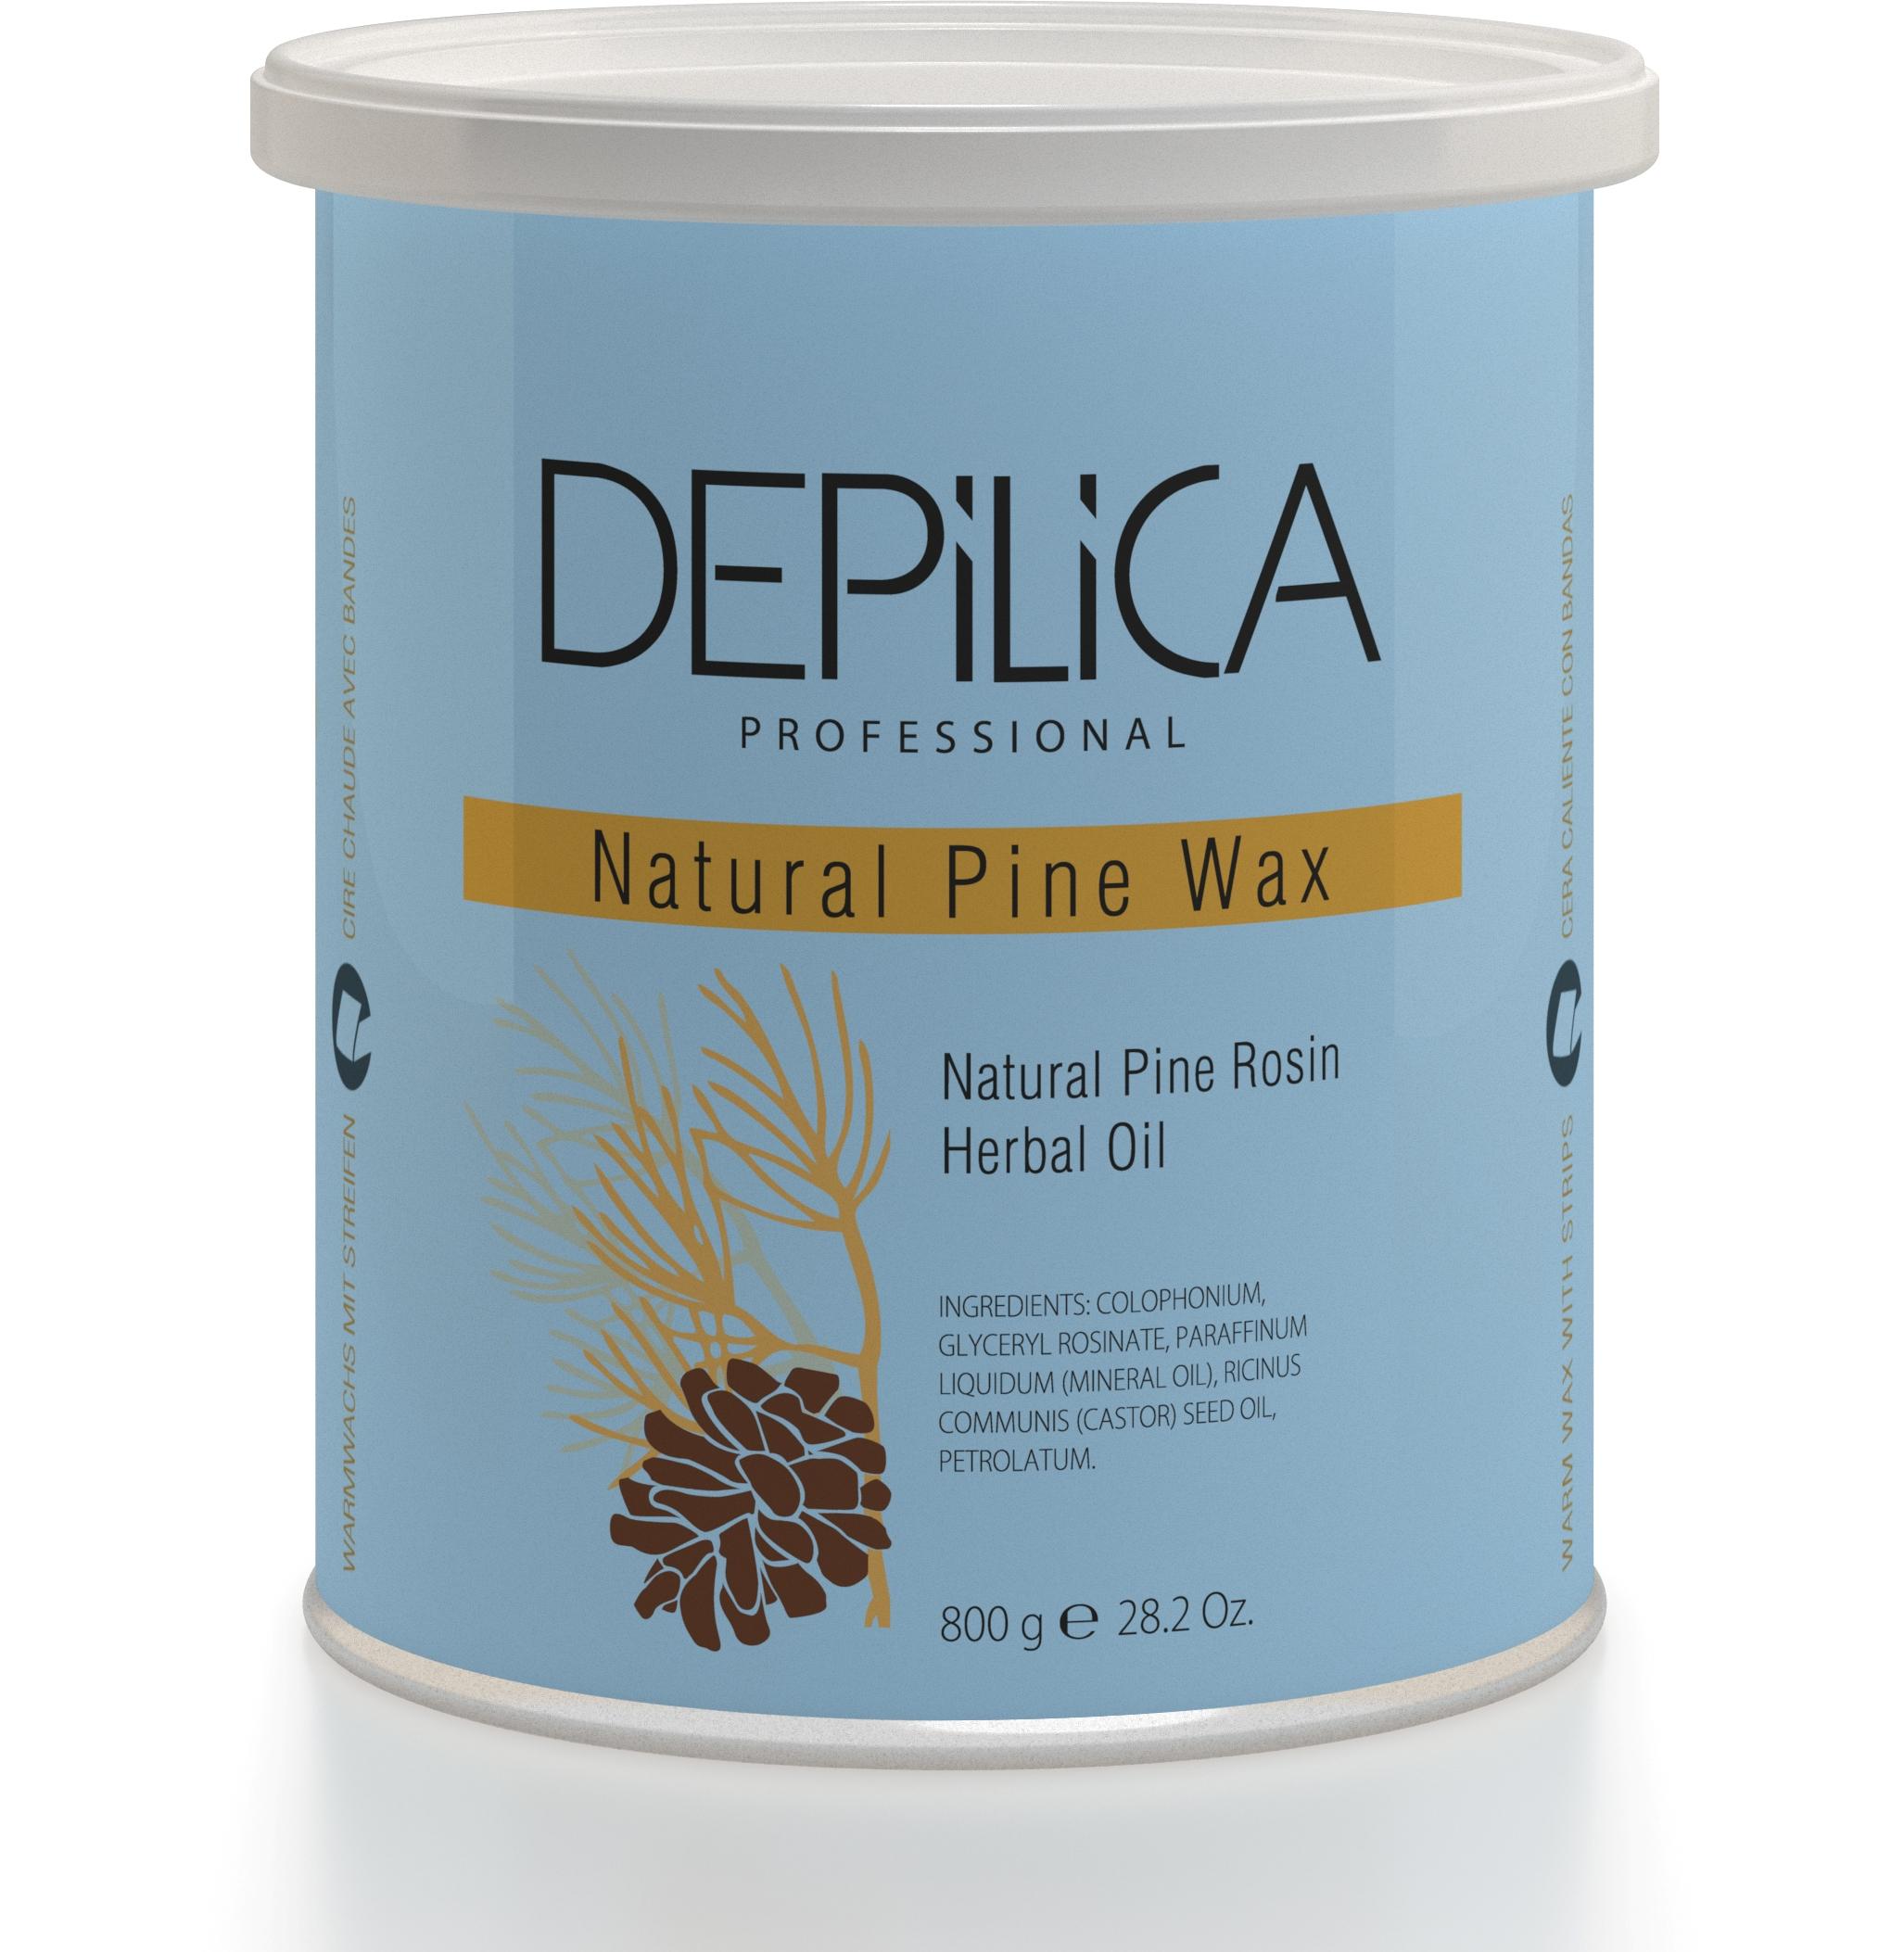 DEPILICA PROFESSIONAL Воск теплый Натуральный Сосновый / Natural Pine Warm Wax 800грВоски<br>Содержит сосновую смолу и растительные масла. Обеспечивает эффективное удаление волос, оказывает успокаивающее действие, защищает кожу. Имеет прозрачную текстуру, удобен в использовании. Рекомендуется для начинающих мастеров. Универсальные картриджи воска подходят для всех стандартных нагревателей. Они оснащены роликом-аппликатором что очень удобно для быстрого и чистого нанесения.<br>